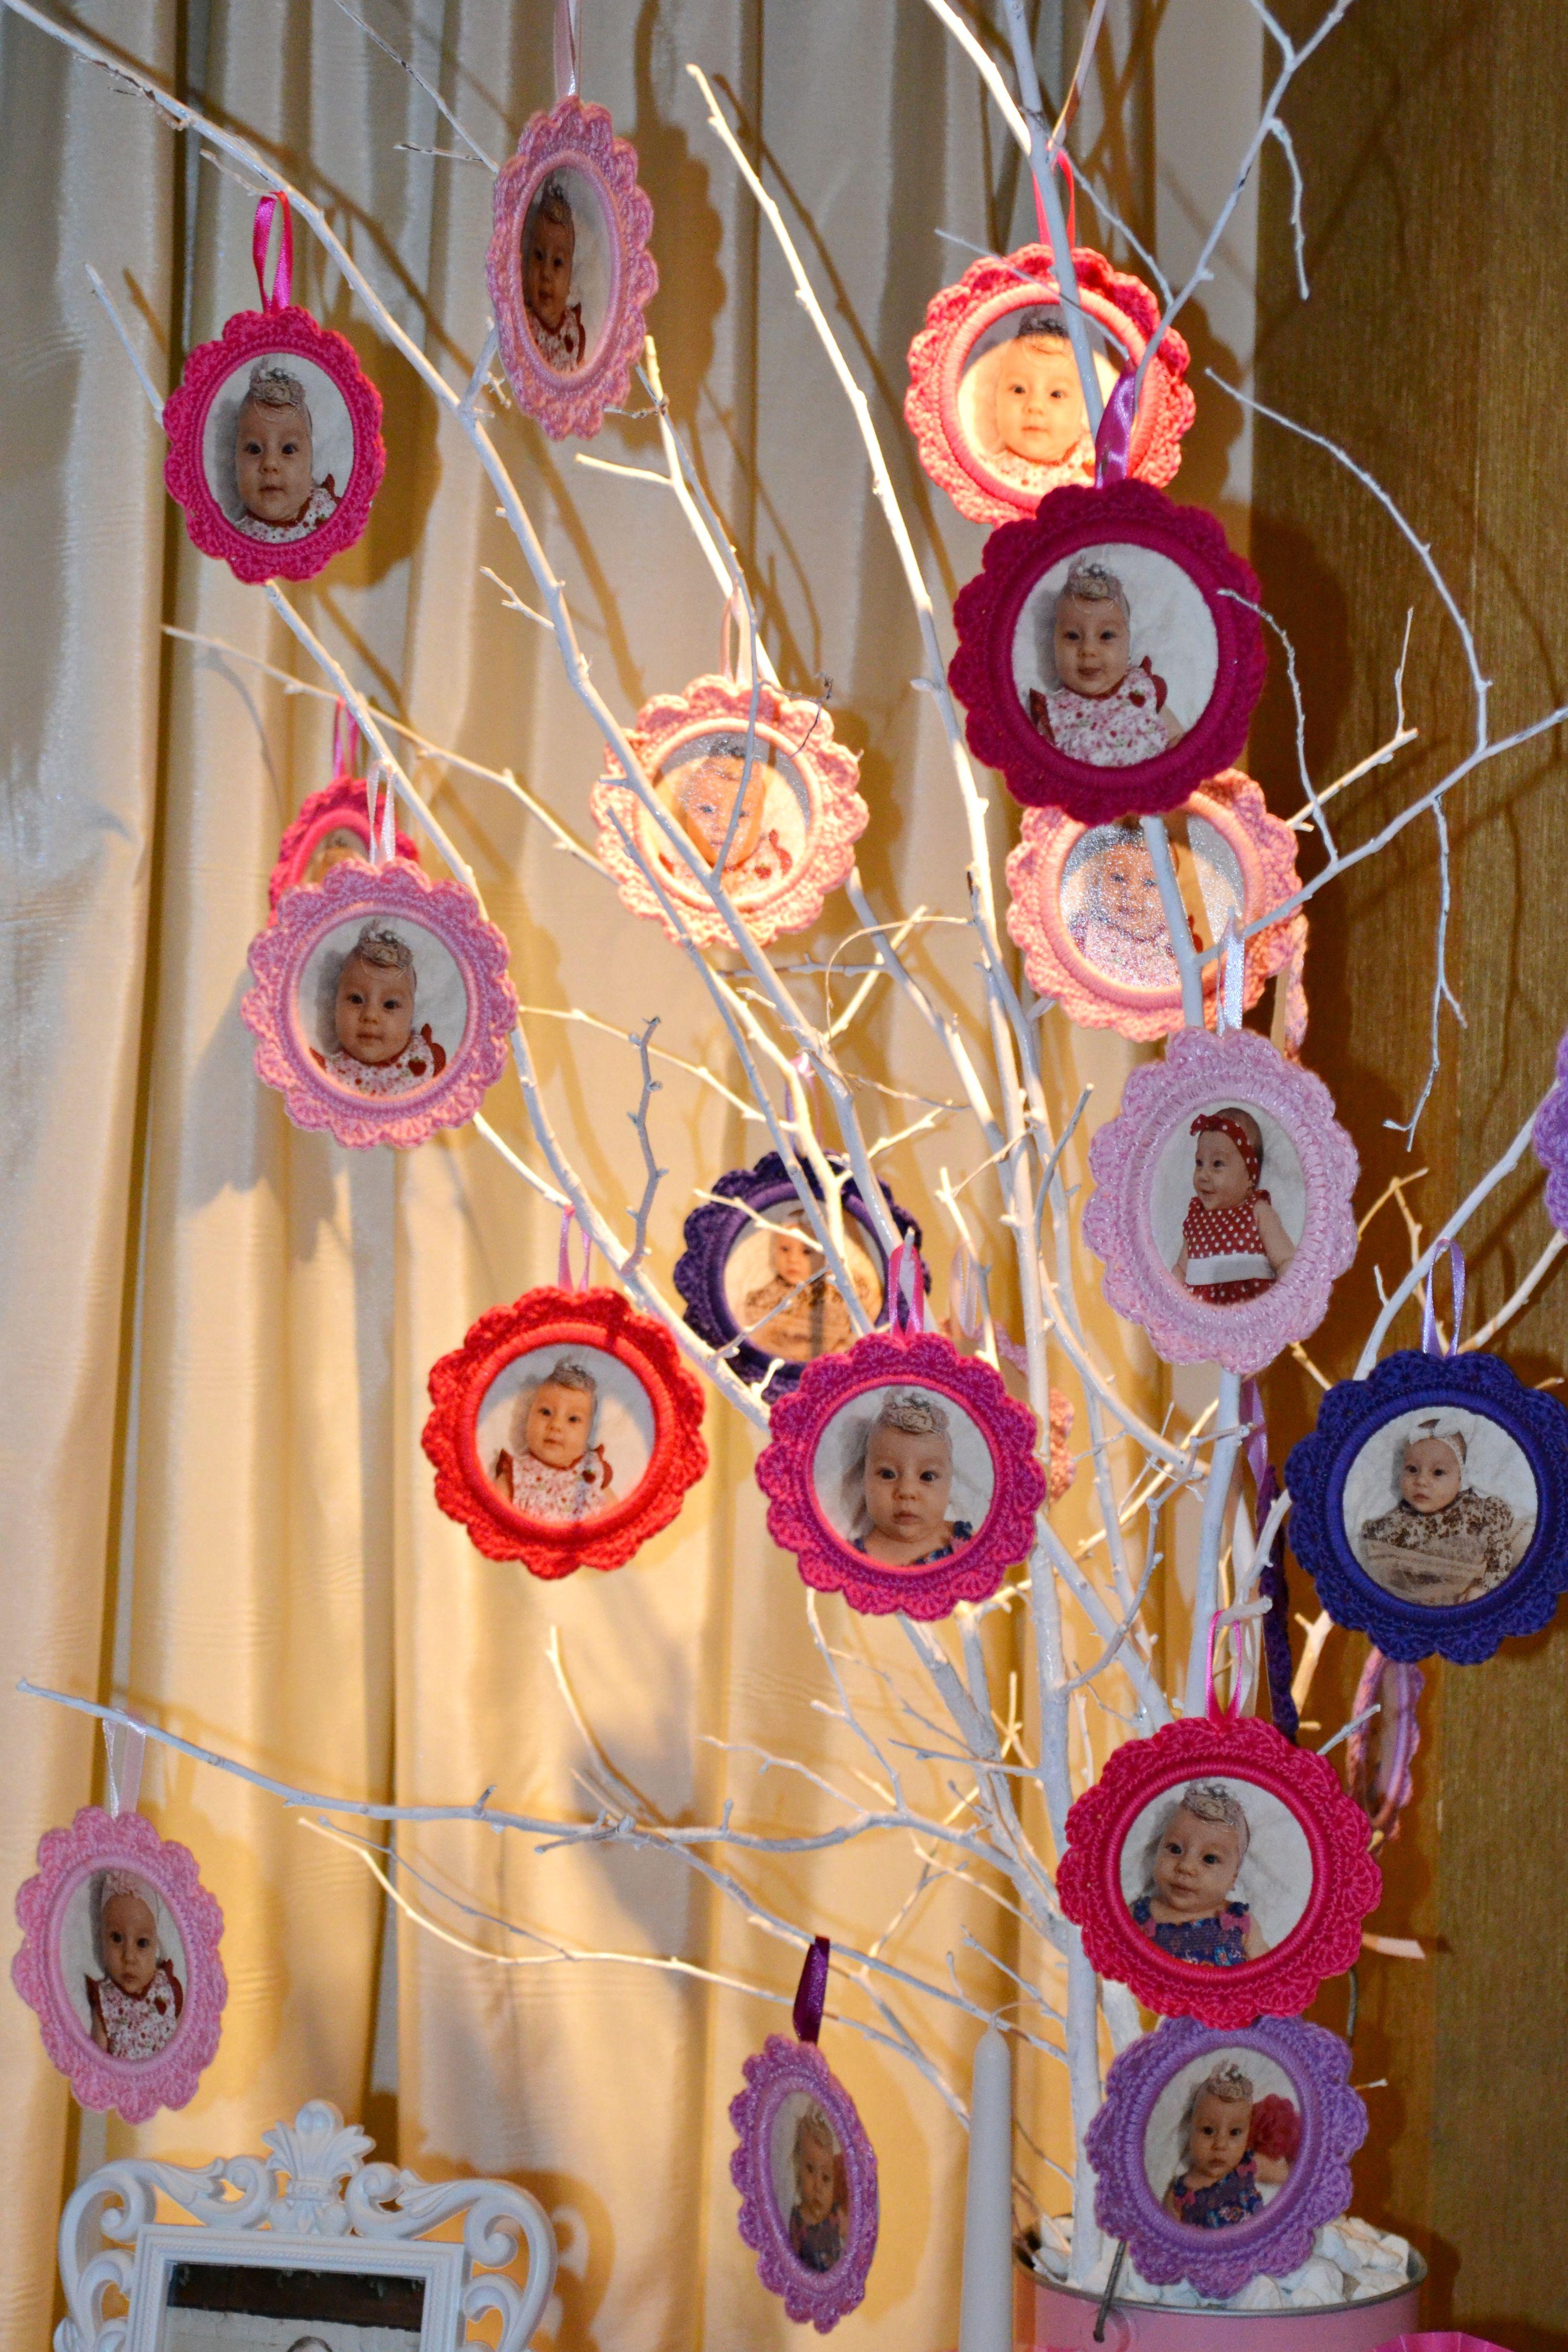 Marturii Botezcadou Pt Invitati Handmade Decor